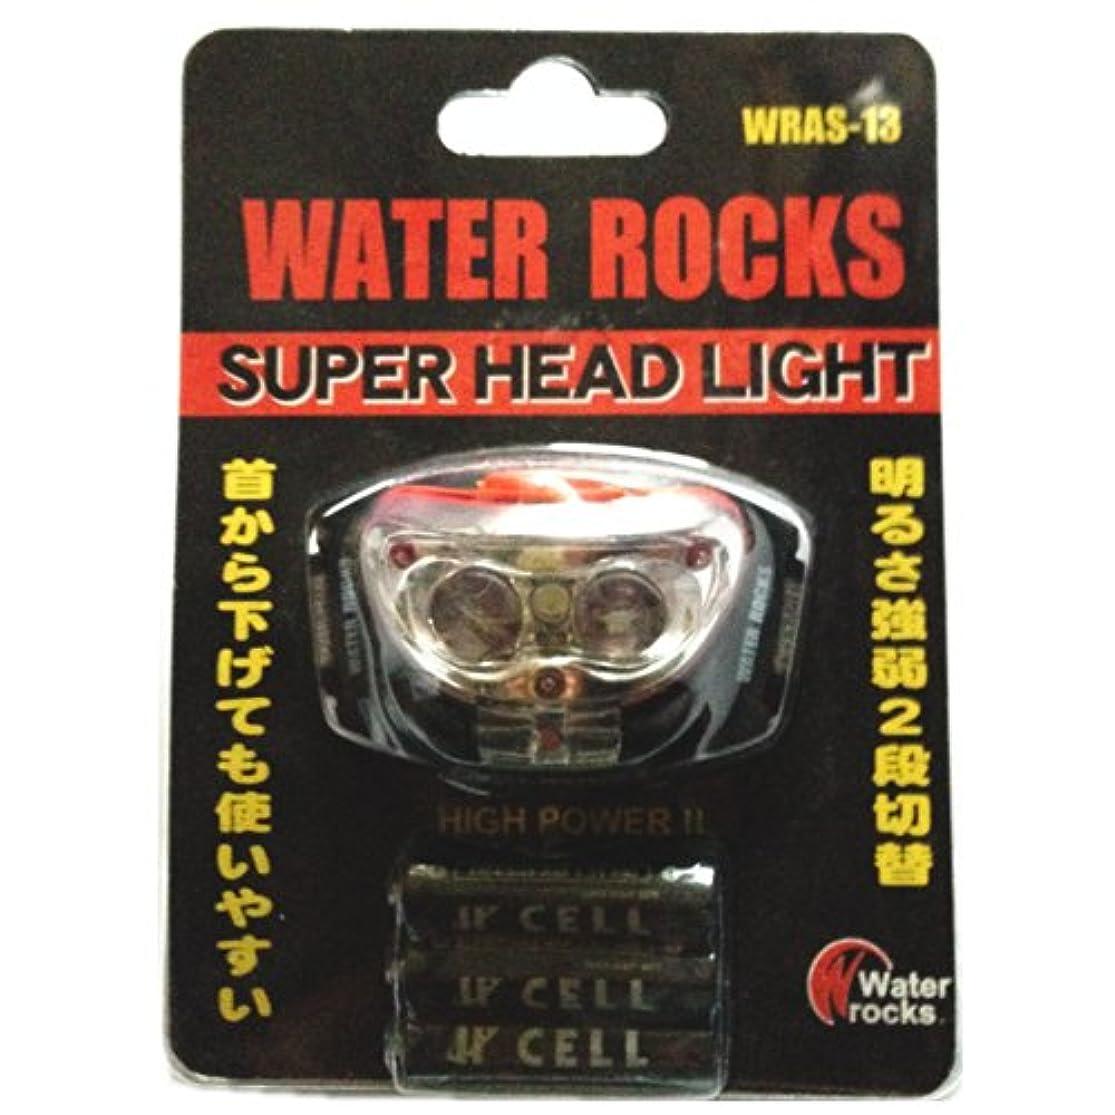 ストレスの多い契約シェーバーオレンジブルー(ORANGE and BLUE) Water Rocks スーパーヘッドライト オレンジ WRAS-13